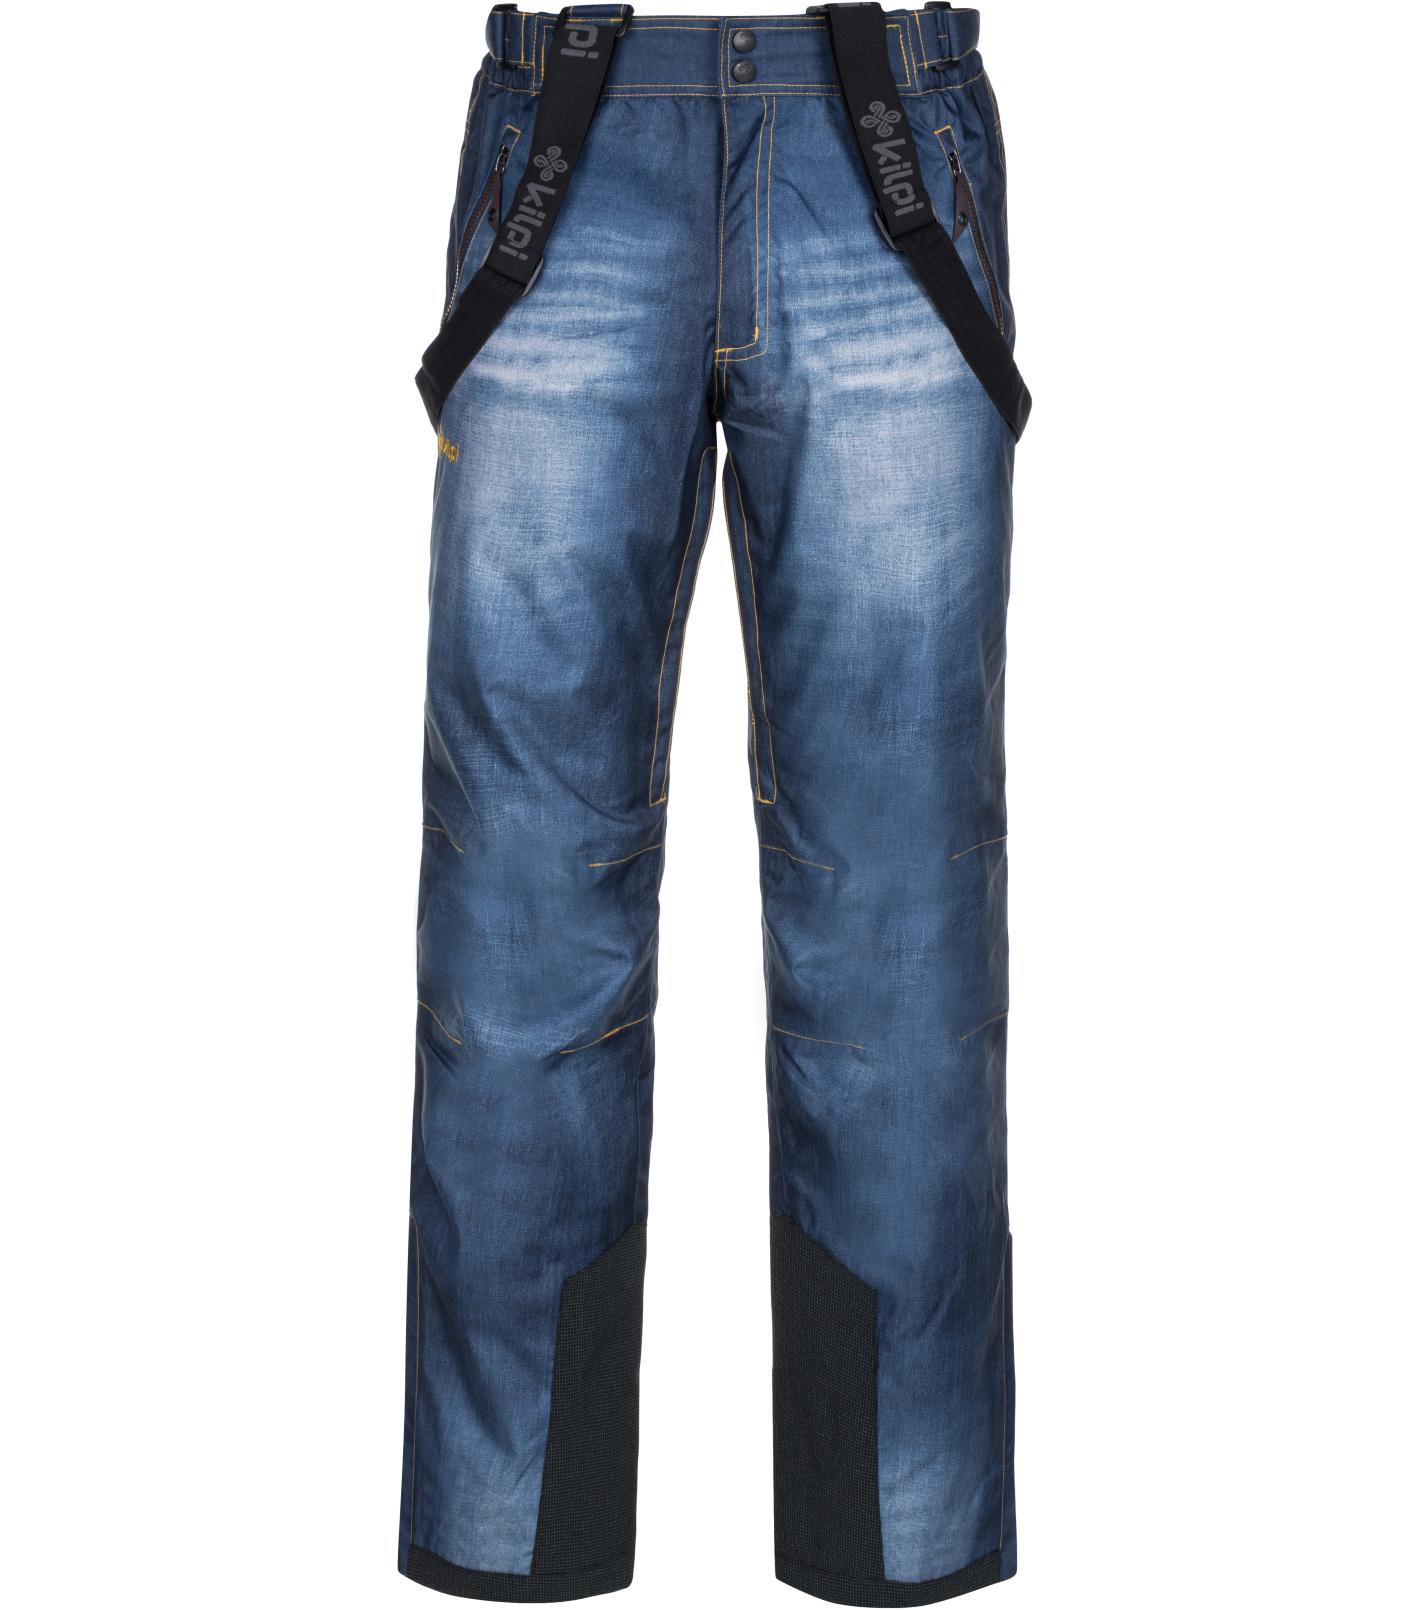 KILPI Pánské lyžařské kalhoty DENIMO-M LM0040KIBLU Modrá XL